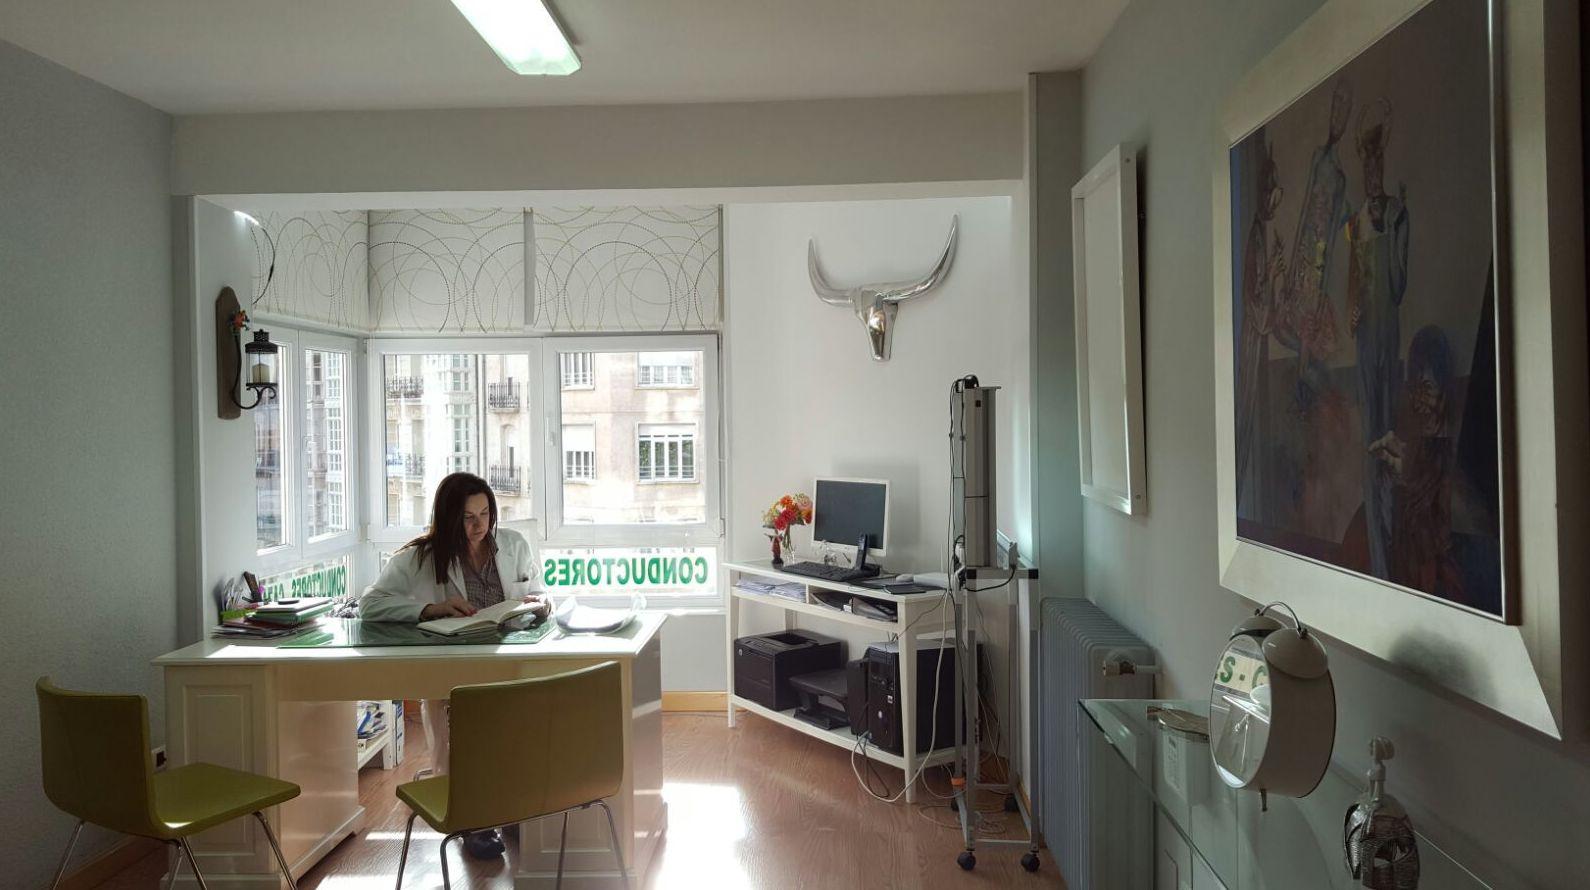 Foto 2 de Reconocimientos médicos en Burgos | Cazadores - Conductores Cid